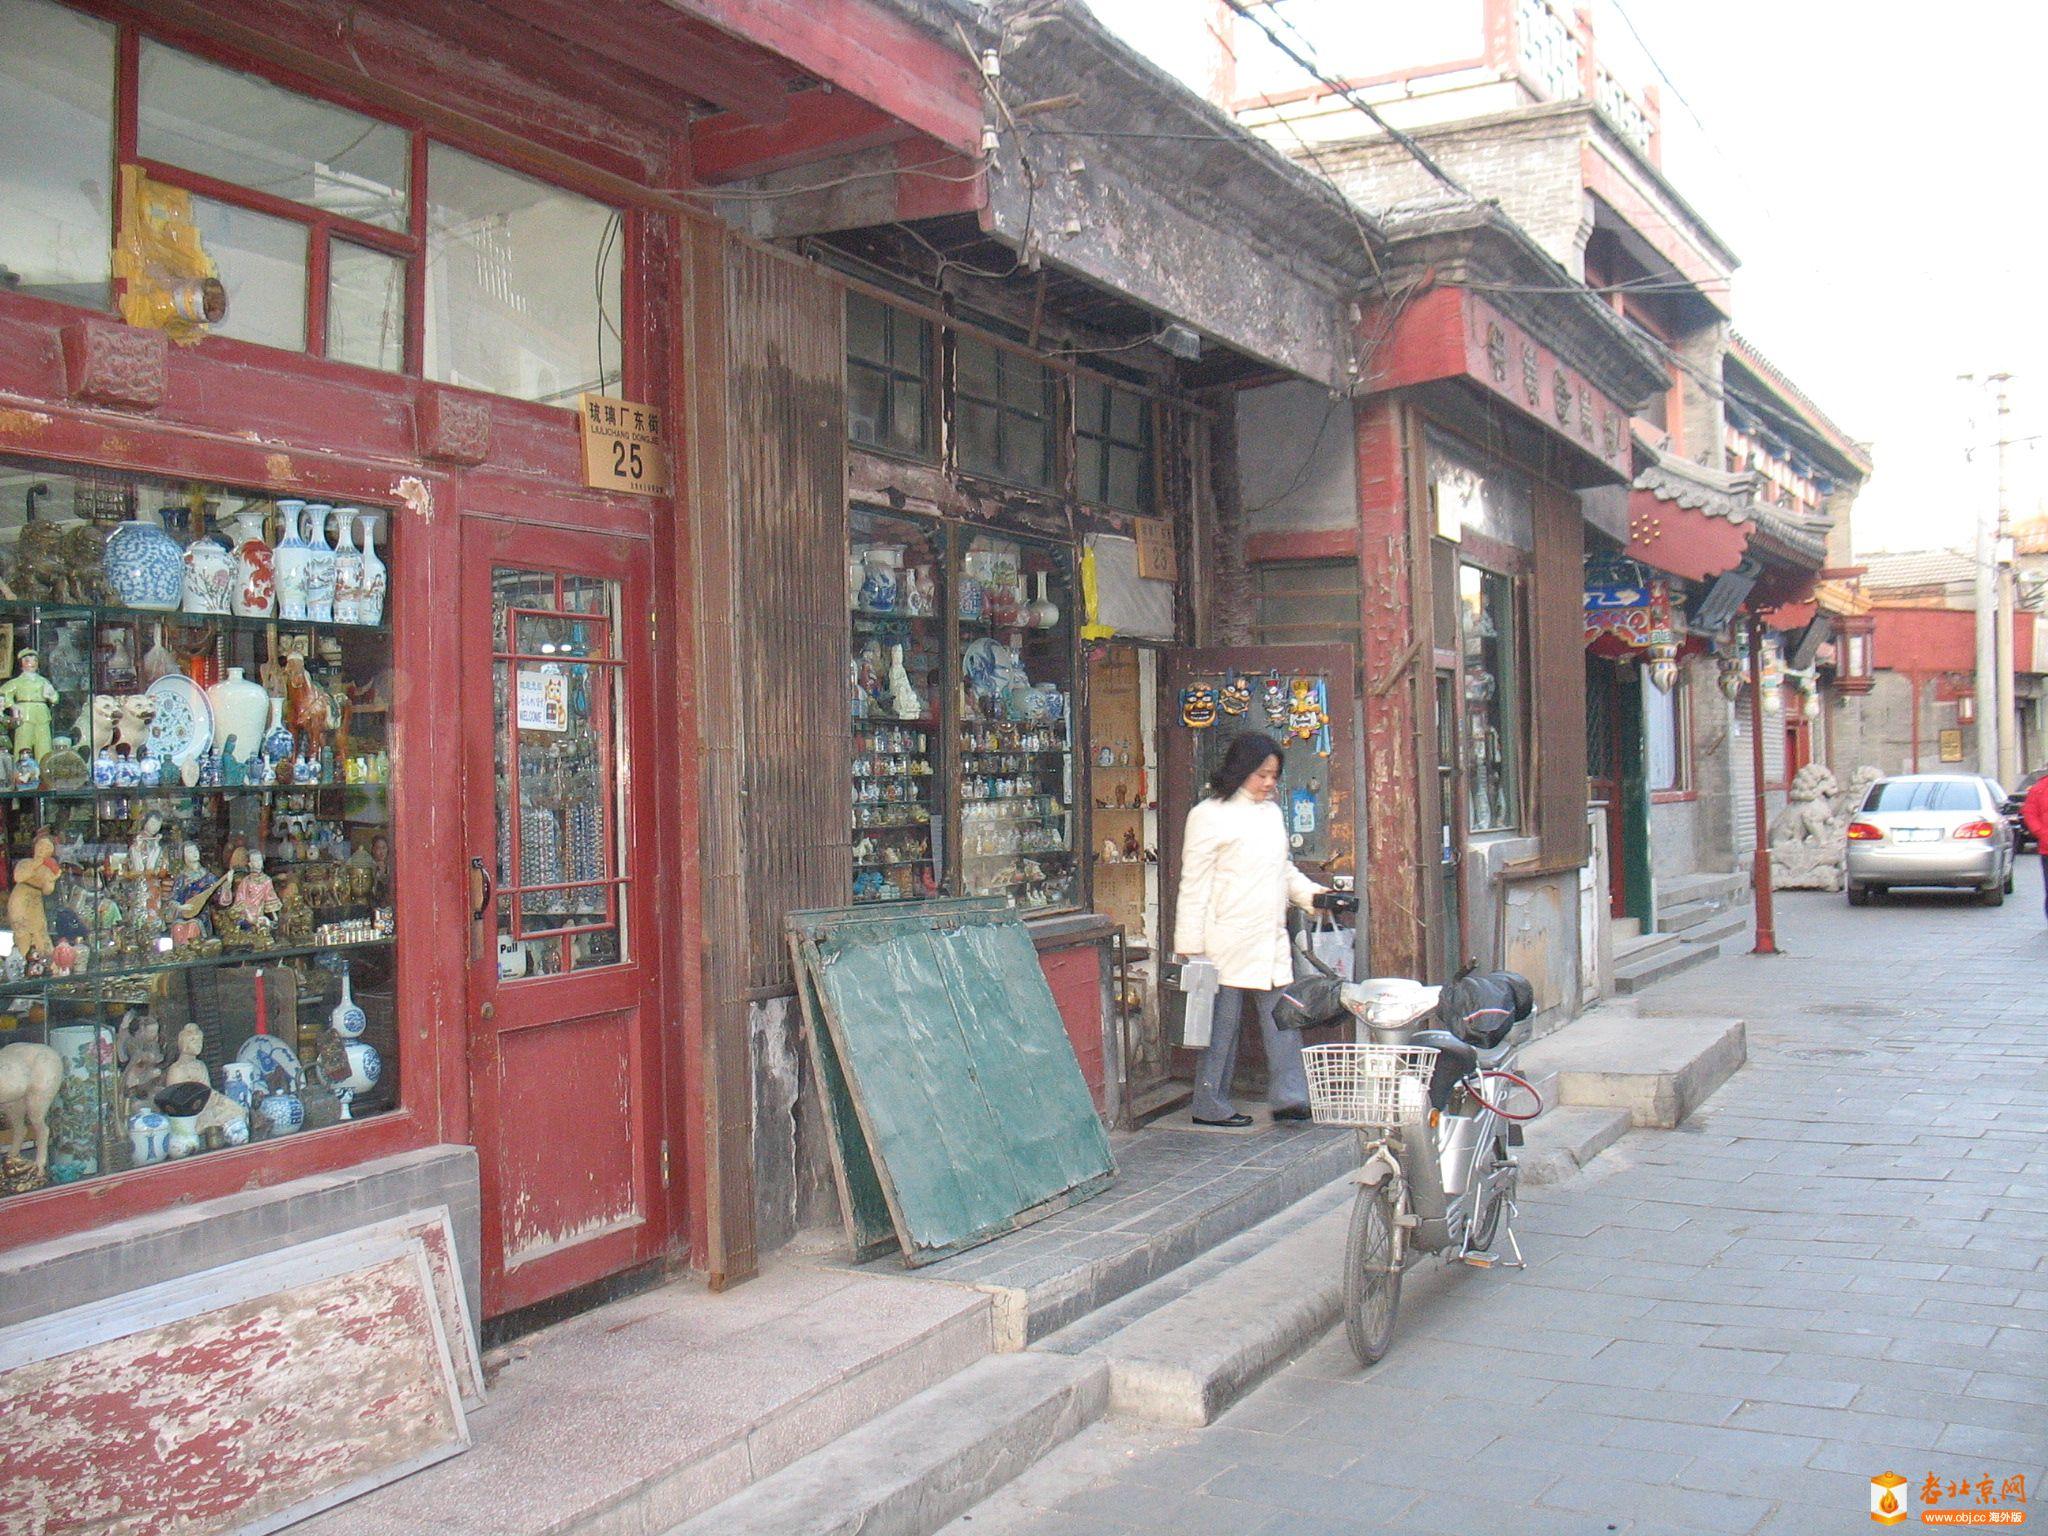 2008年12月30日下午,东琉璃厂东段路北的卖古玩的小店。(注:住在琉璃厂附近的老街坊,都说东琉璃厂、西琉 ...